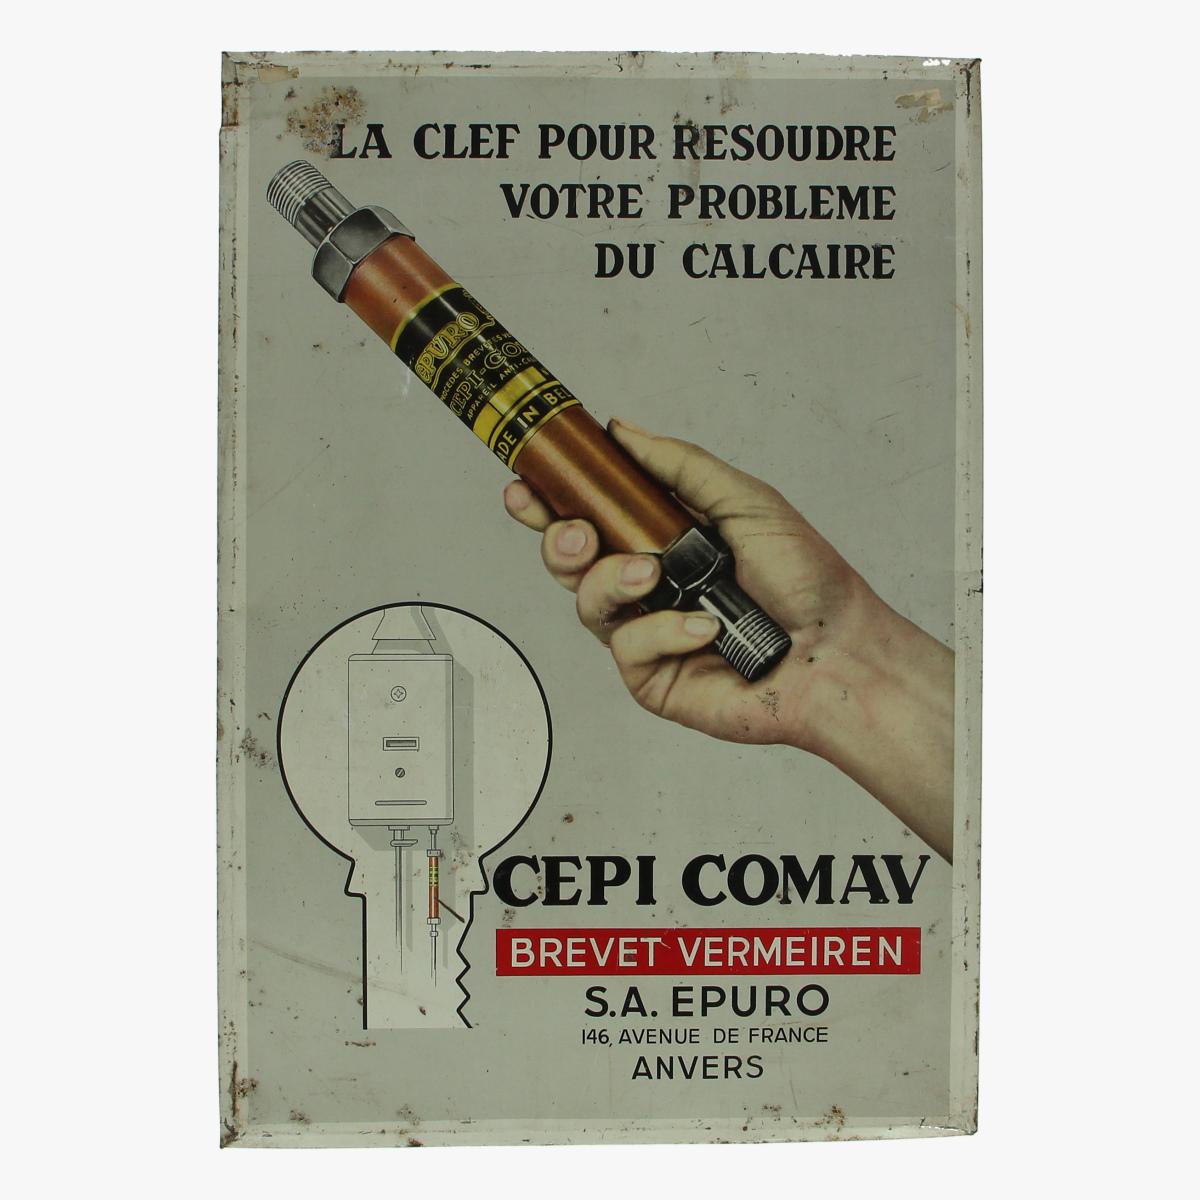 Afbeeldingen van blikken reclame la clef pour resoudre votre probleme du calcaire CEPI COMAV brevet vermeiren S.A.EPURO 146.avenue de france  ANVERS